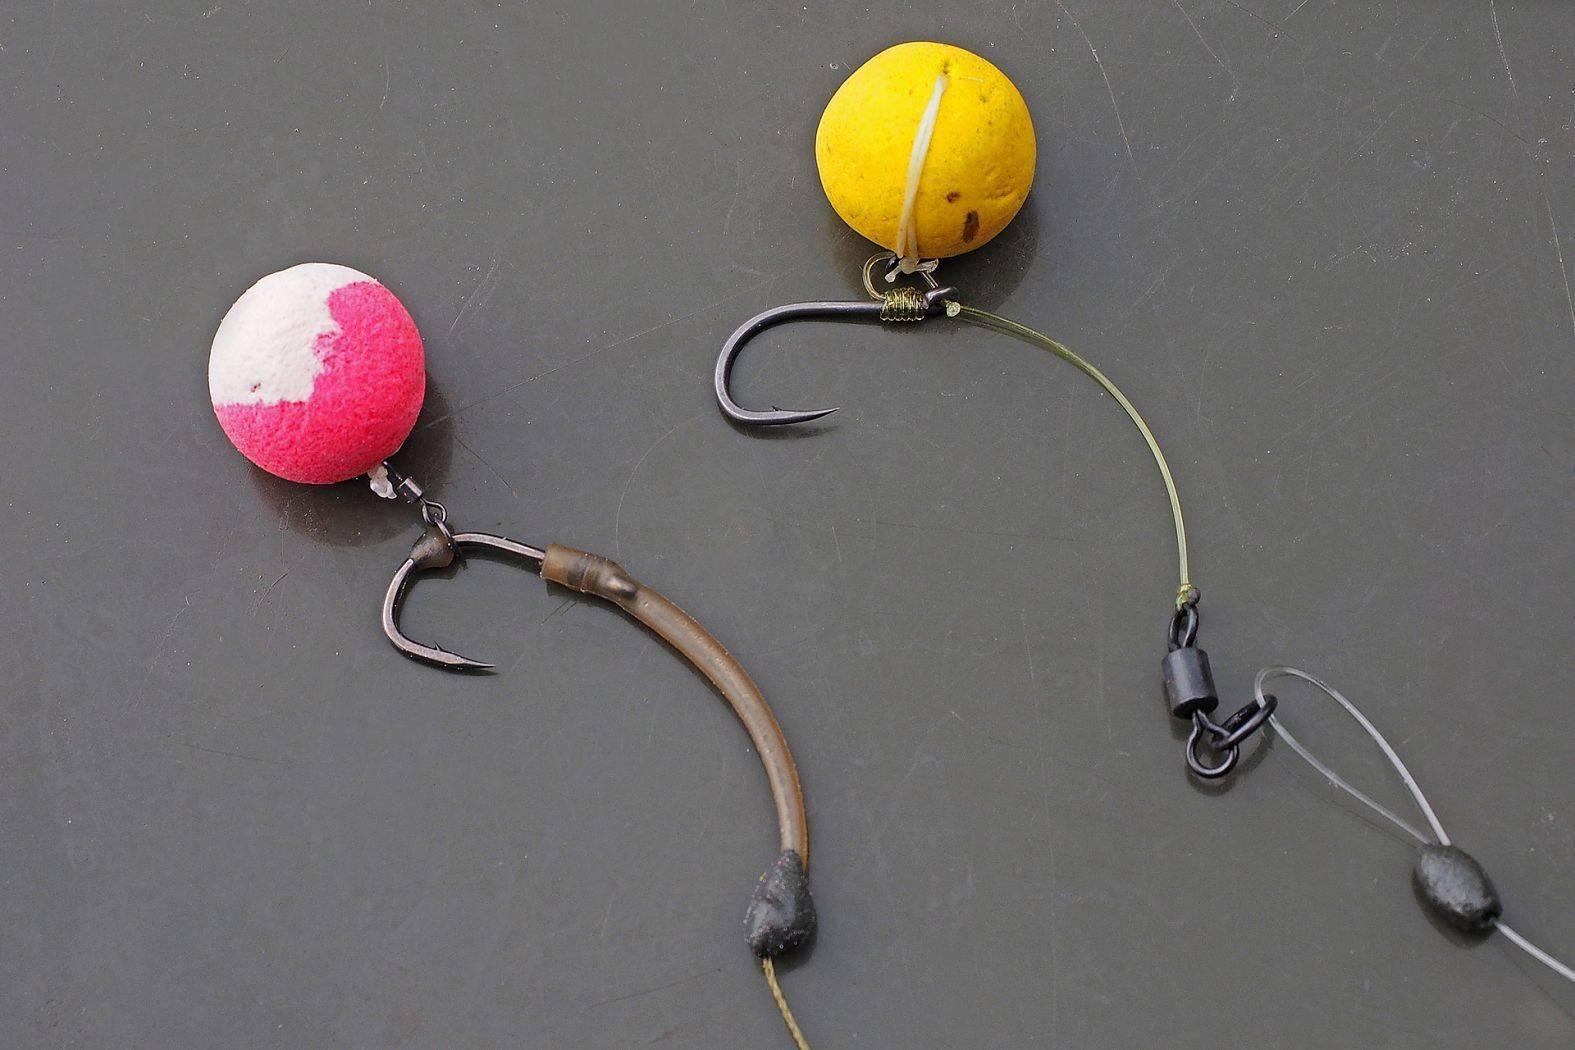 Как ловить карпа на бойлы и подготовить рыболовную оснастку